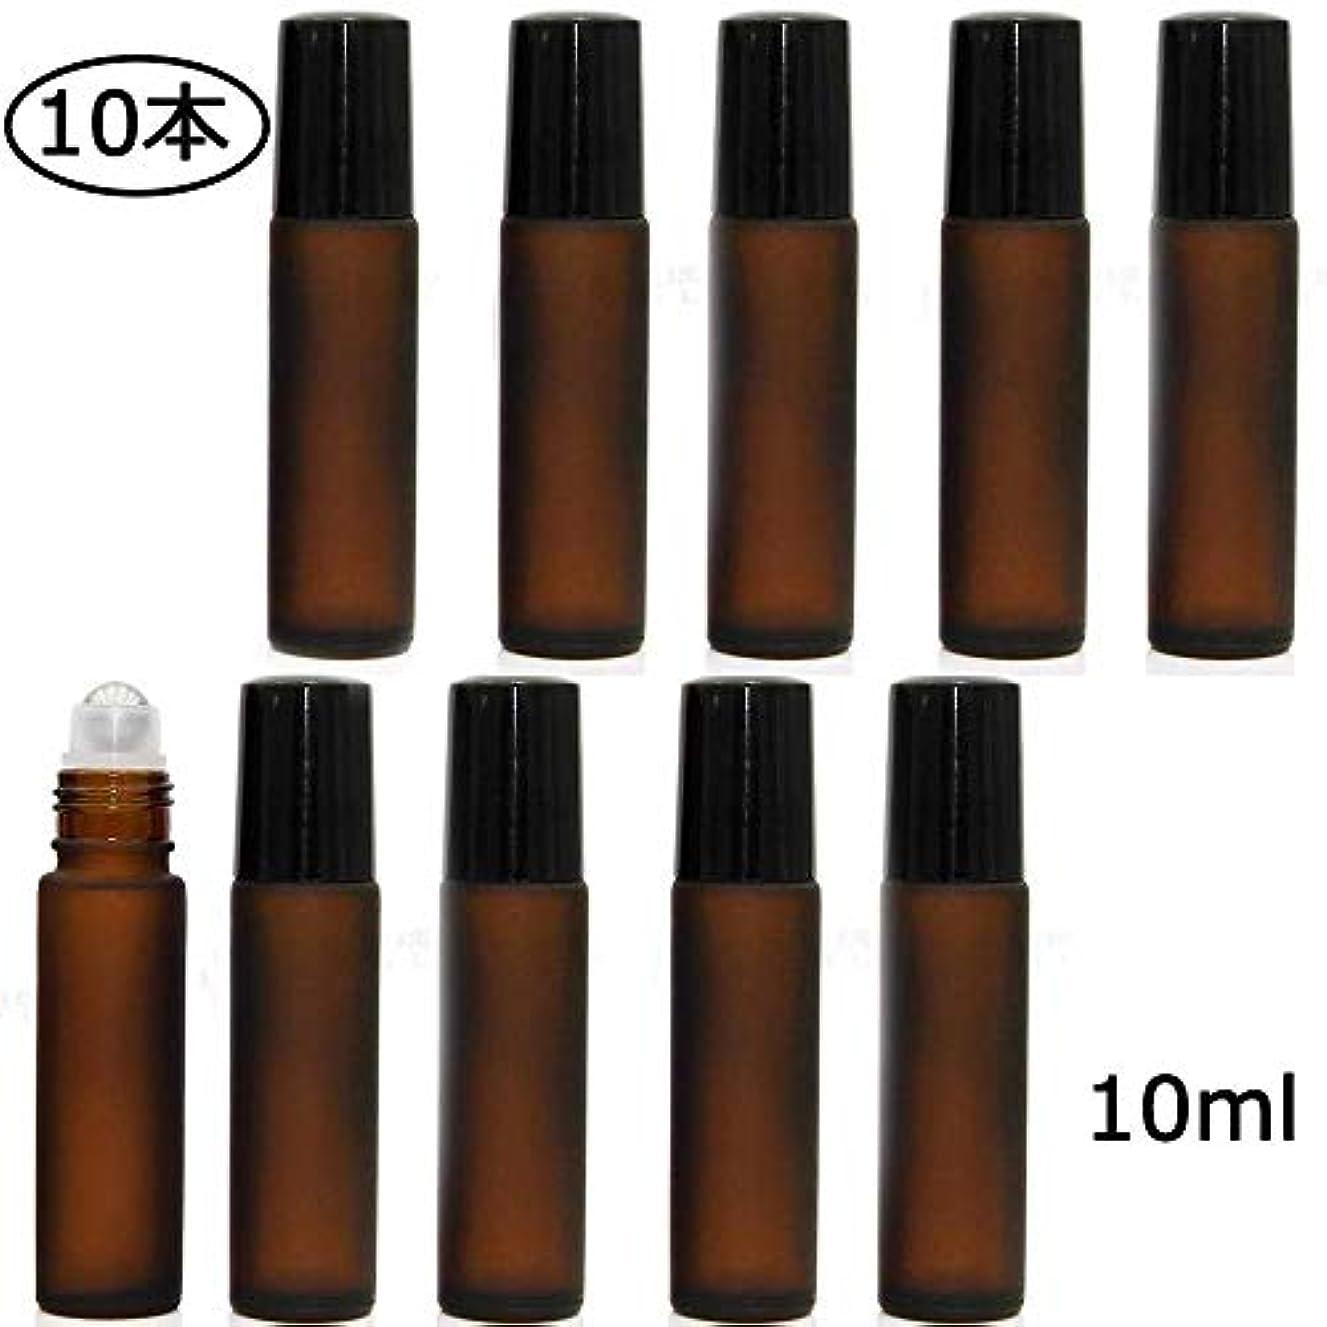 スポット承認する球体gundoop ロールオンボトル アロマオイル 精油 小分け用 遮光瓶 10ml 10本セット ガラスロールタイプ (茶色)